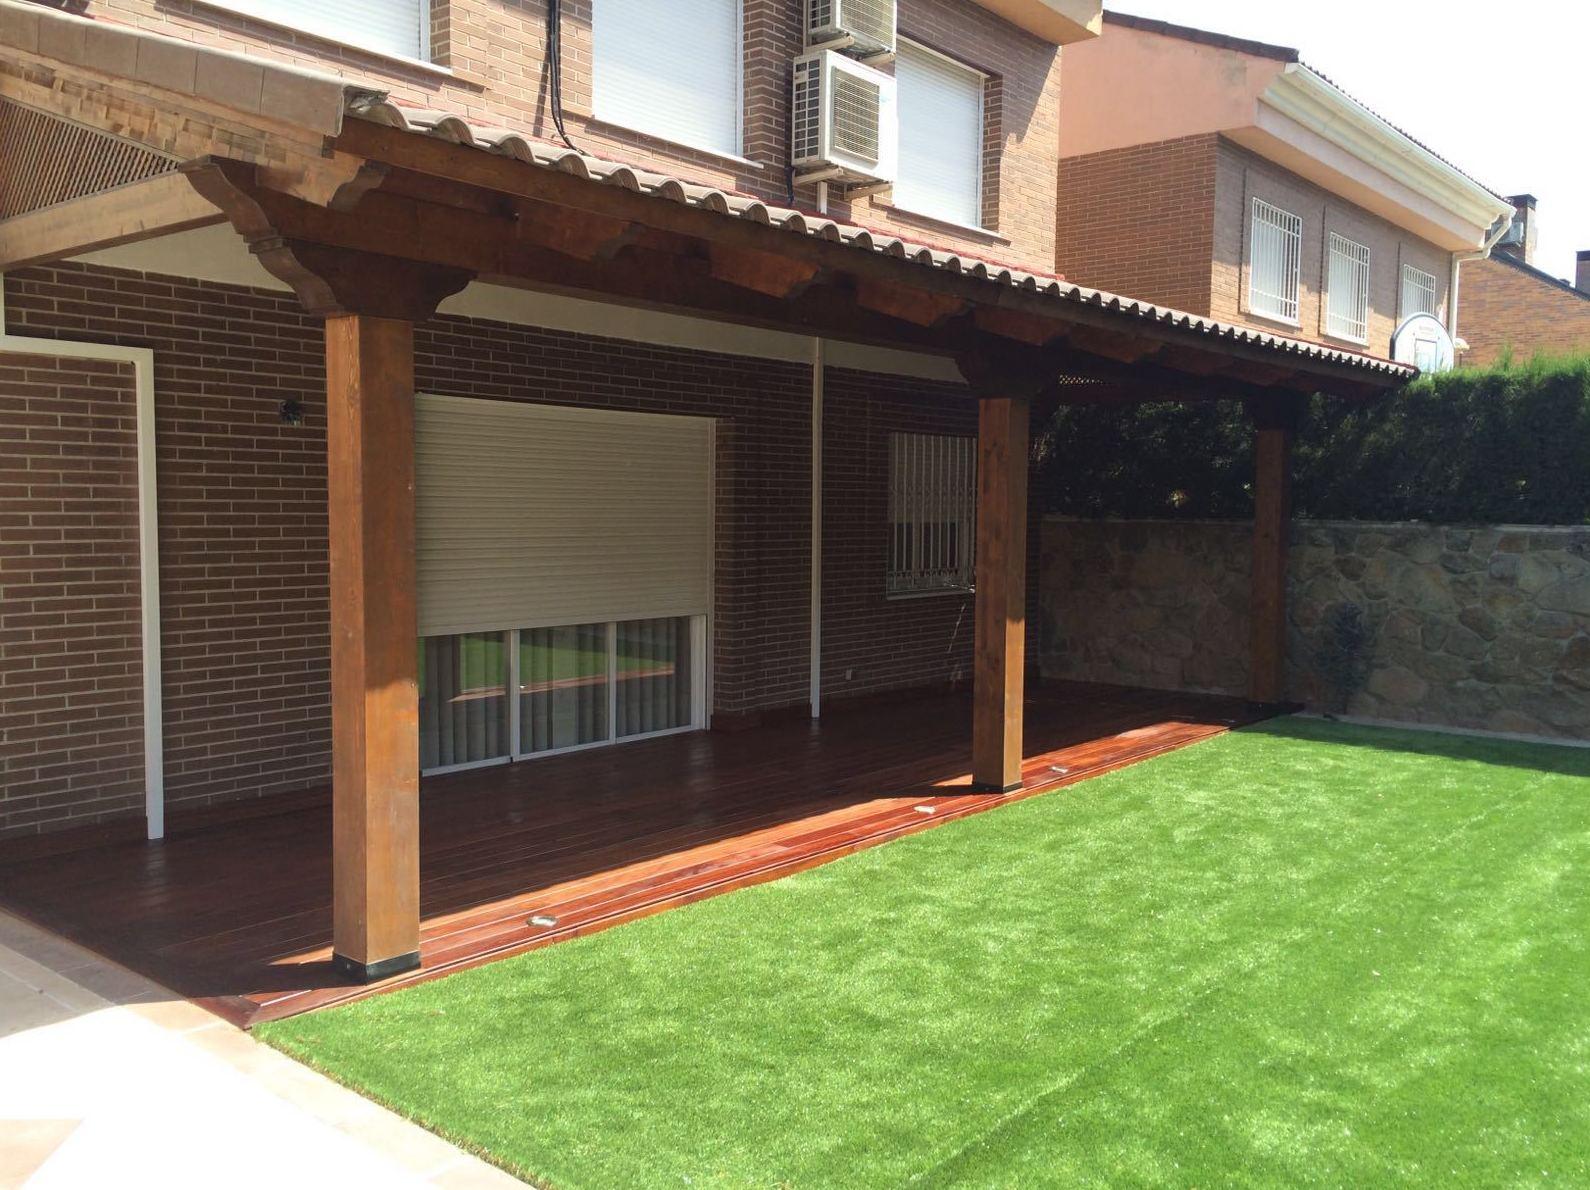 Estructuras de madera para terrazas porche las coberturas mas livianas y funcionales para - Estructuras de madera para terrazas ...